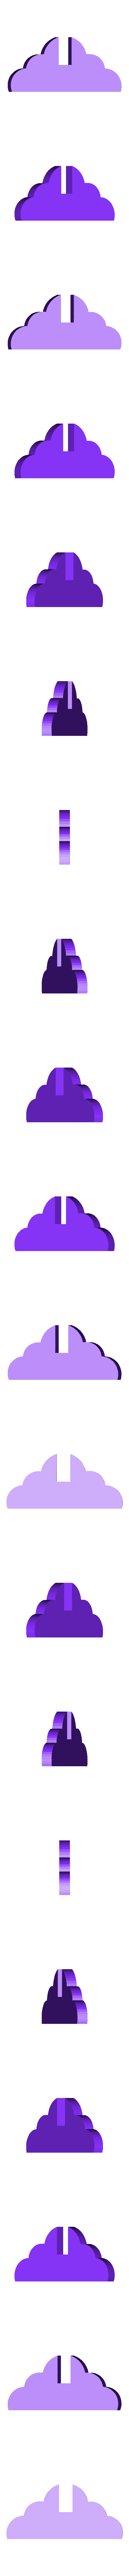 stand_rabbit.stl Télécharger fichier STL gratuit Lapin de Pâques avec une charrette à bras • Design pour impression 3D, TanyaAkinora